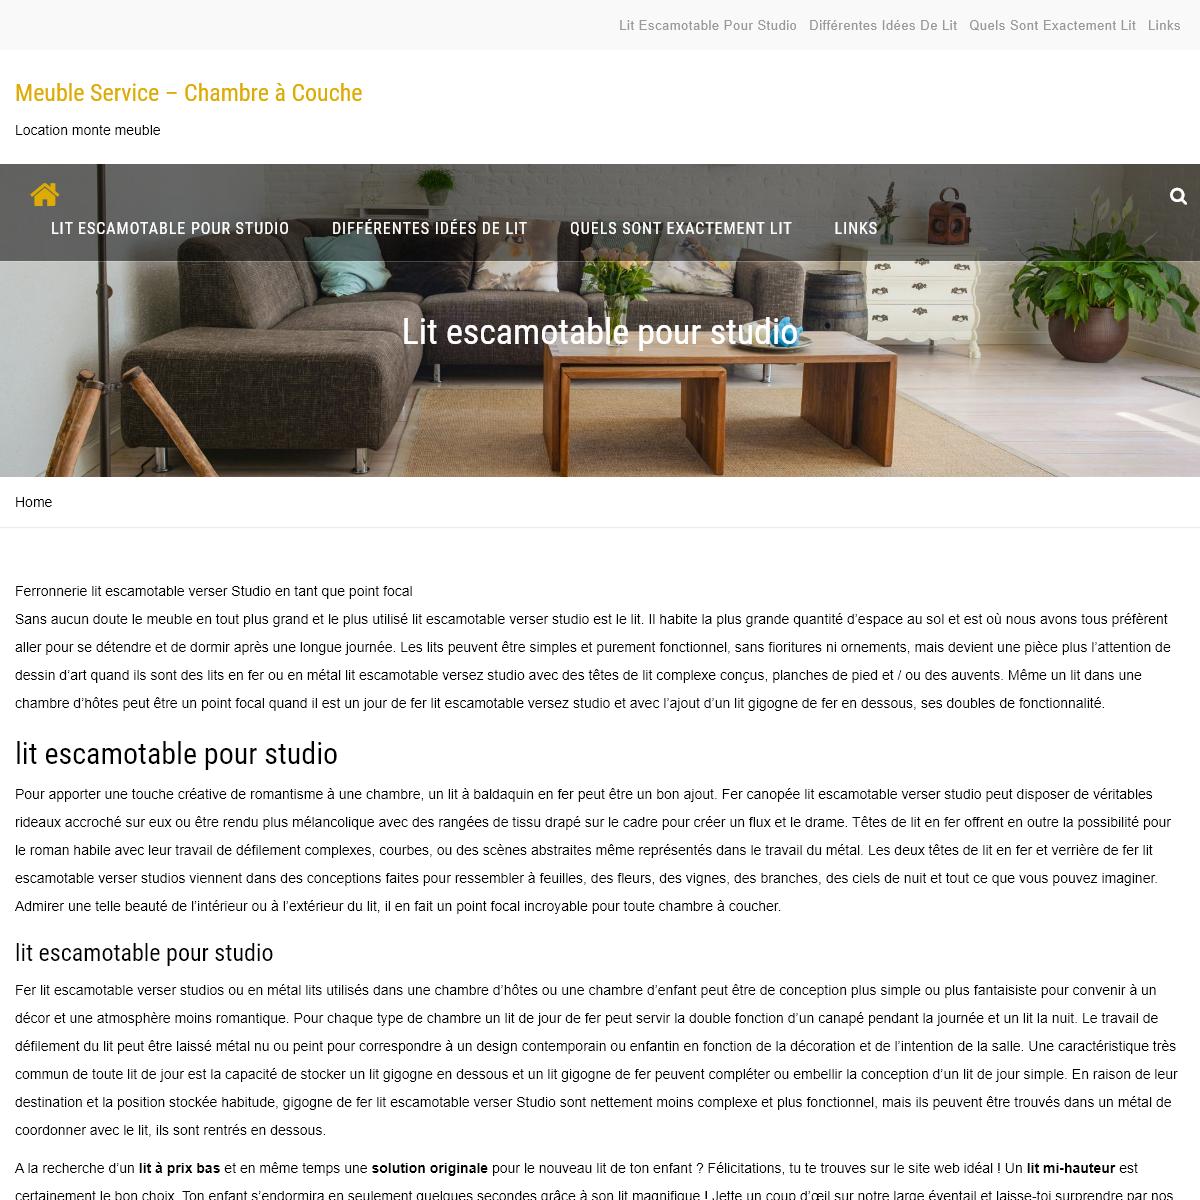 Meuble Service – Chambre à Couche – Location monte meuble